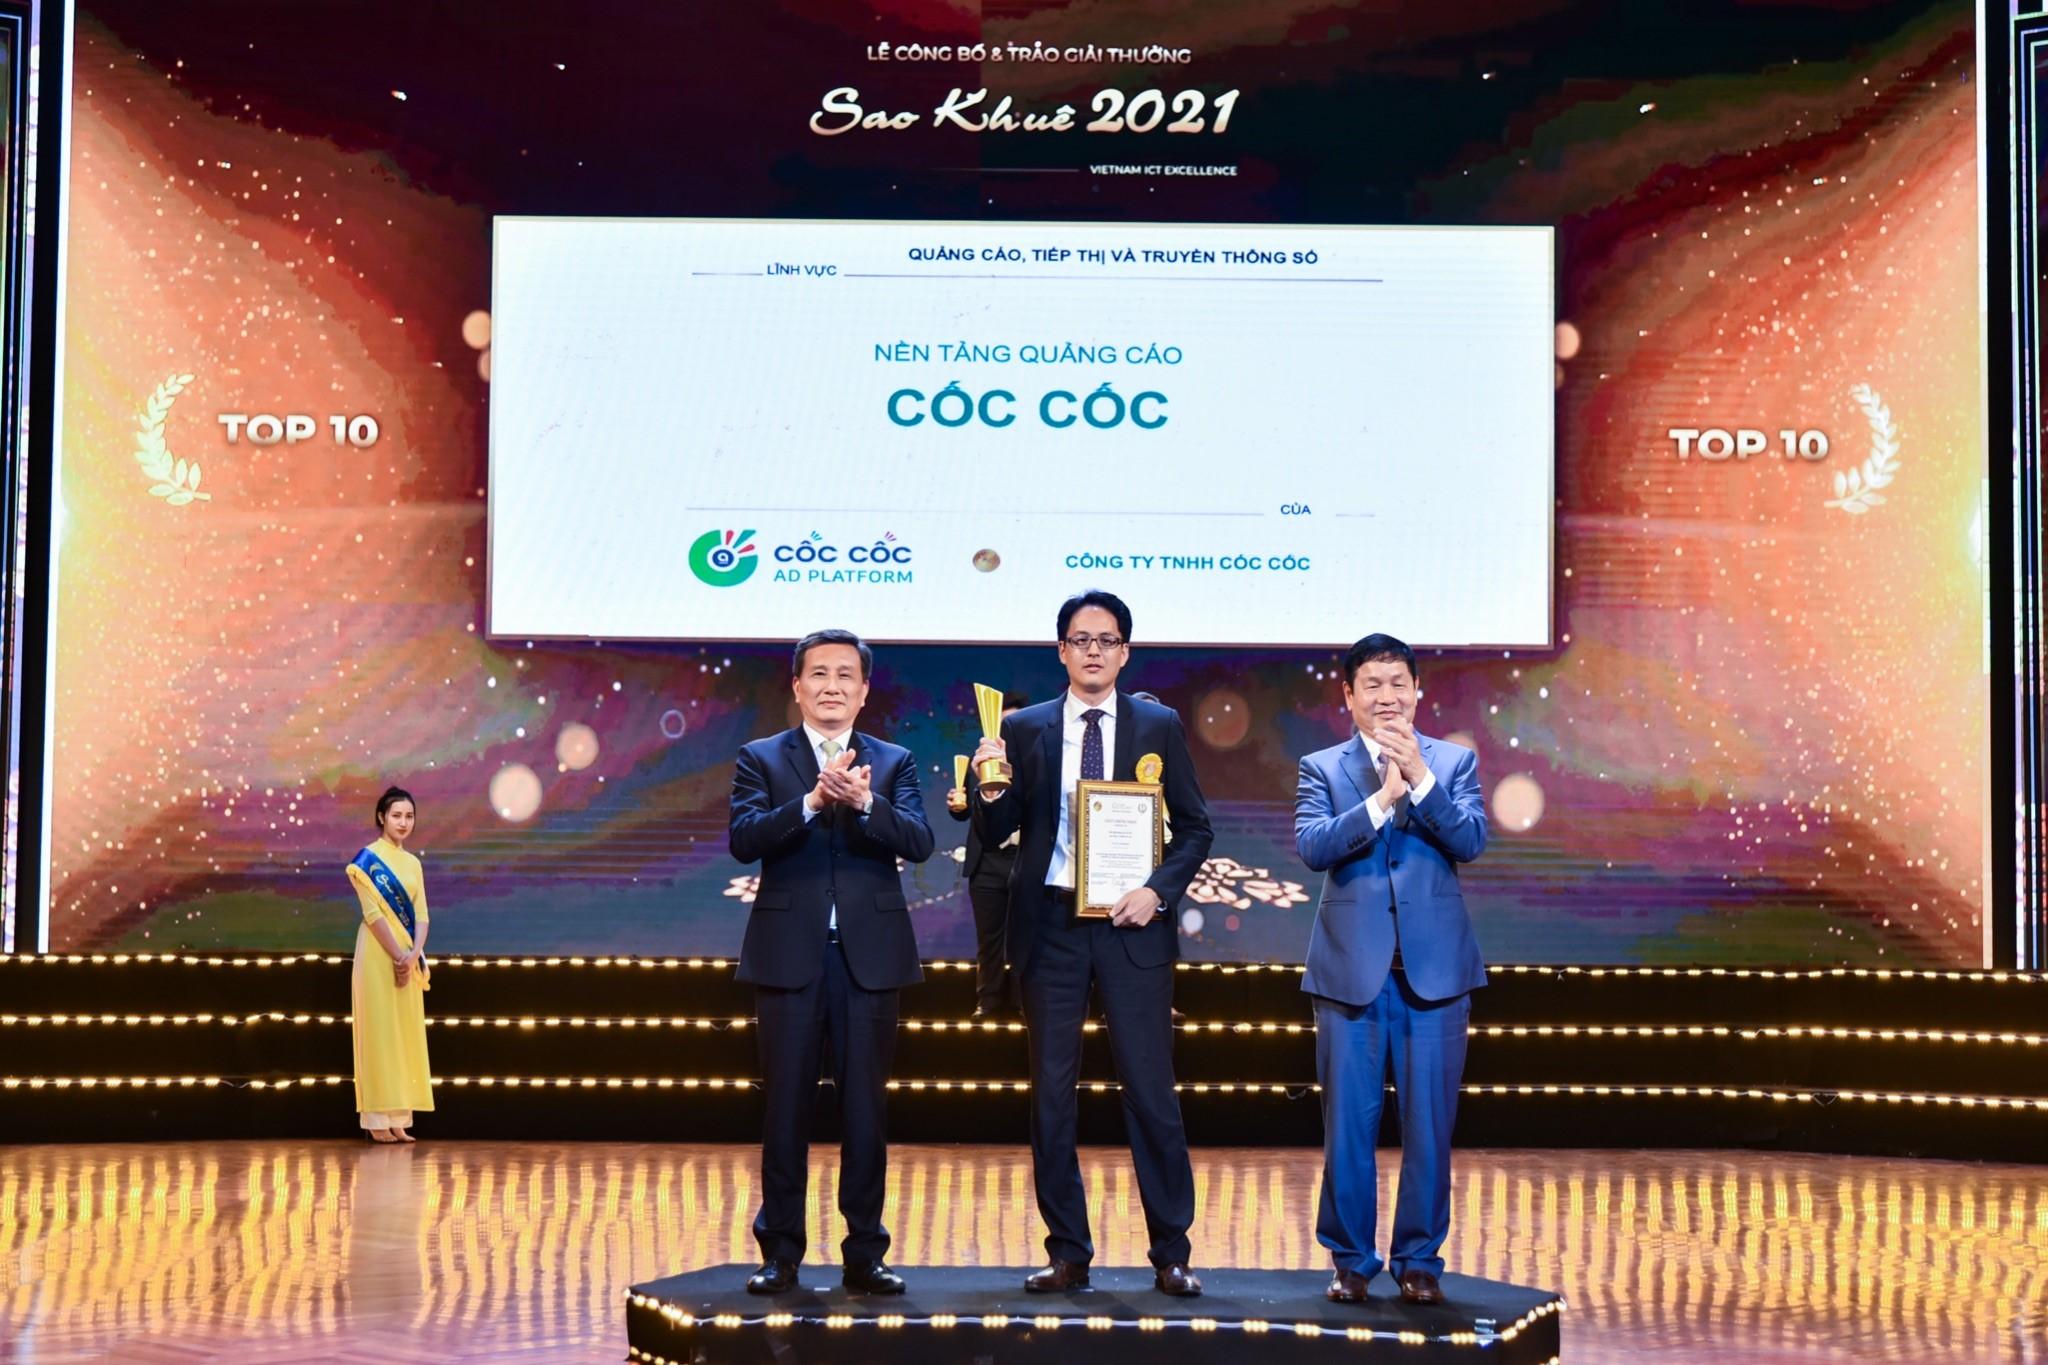 3.Dai-dien-Cc-Cc-tai-le-trao-giai-Sao-Khue-2021-jpg.jpg